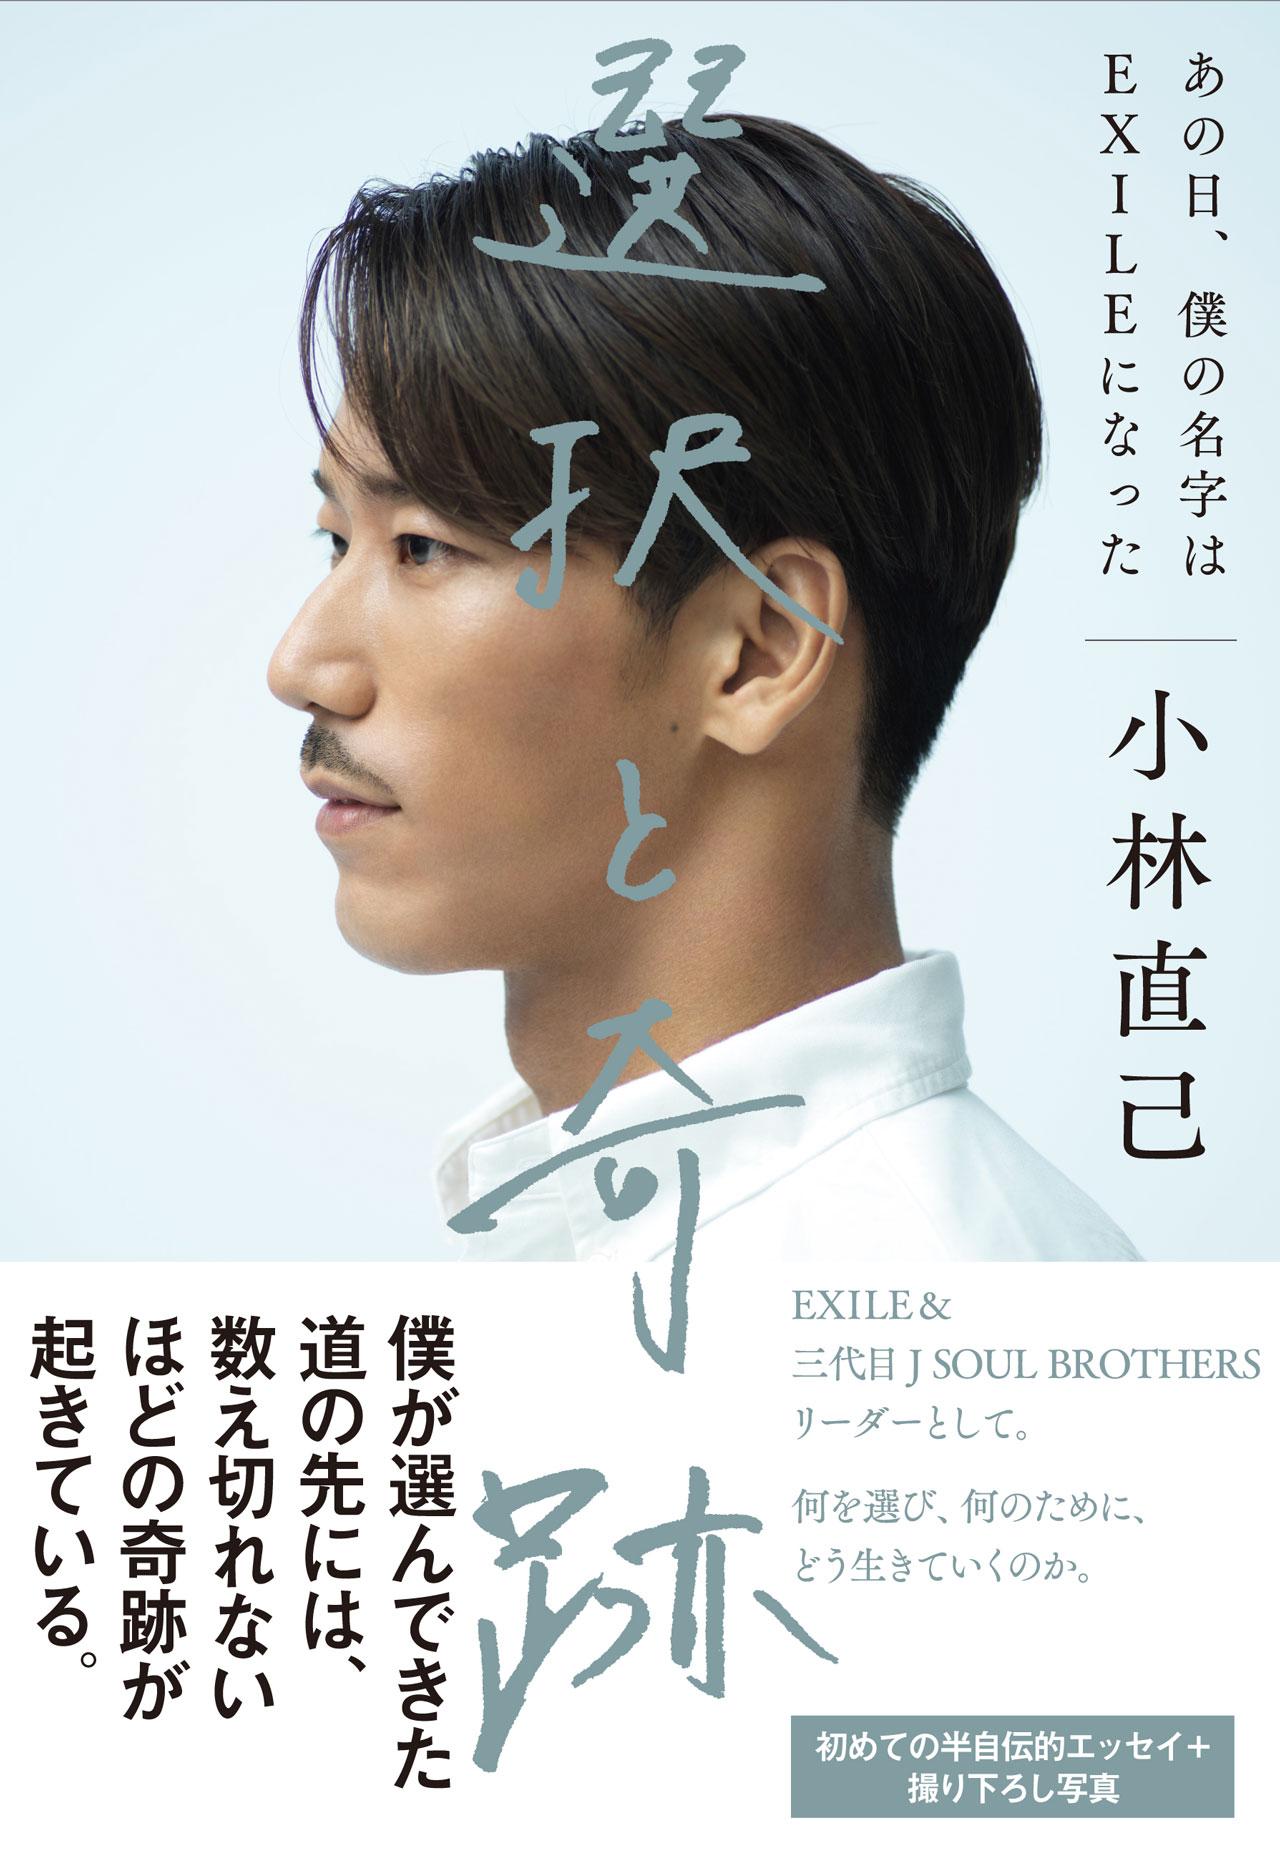 小林直己の初の自伝的エッセイ本 『選択と奇跡 あの日、僕の名字はEXILEになった』